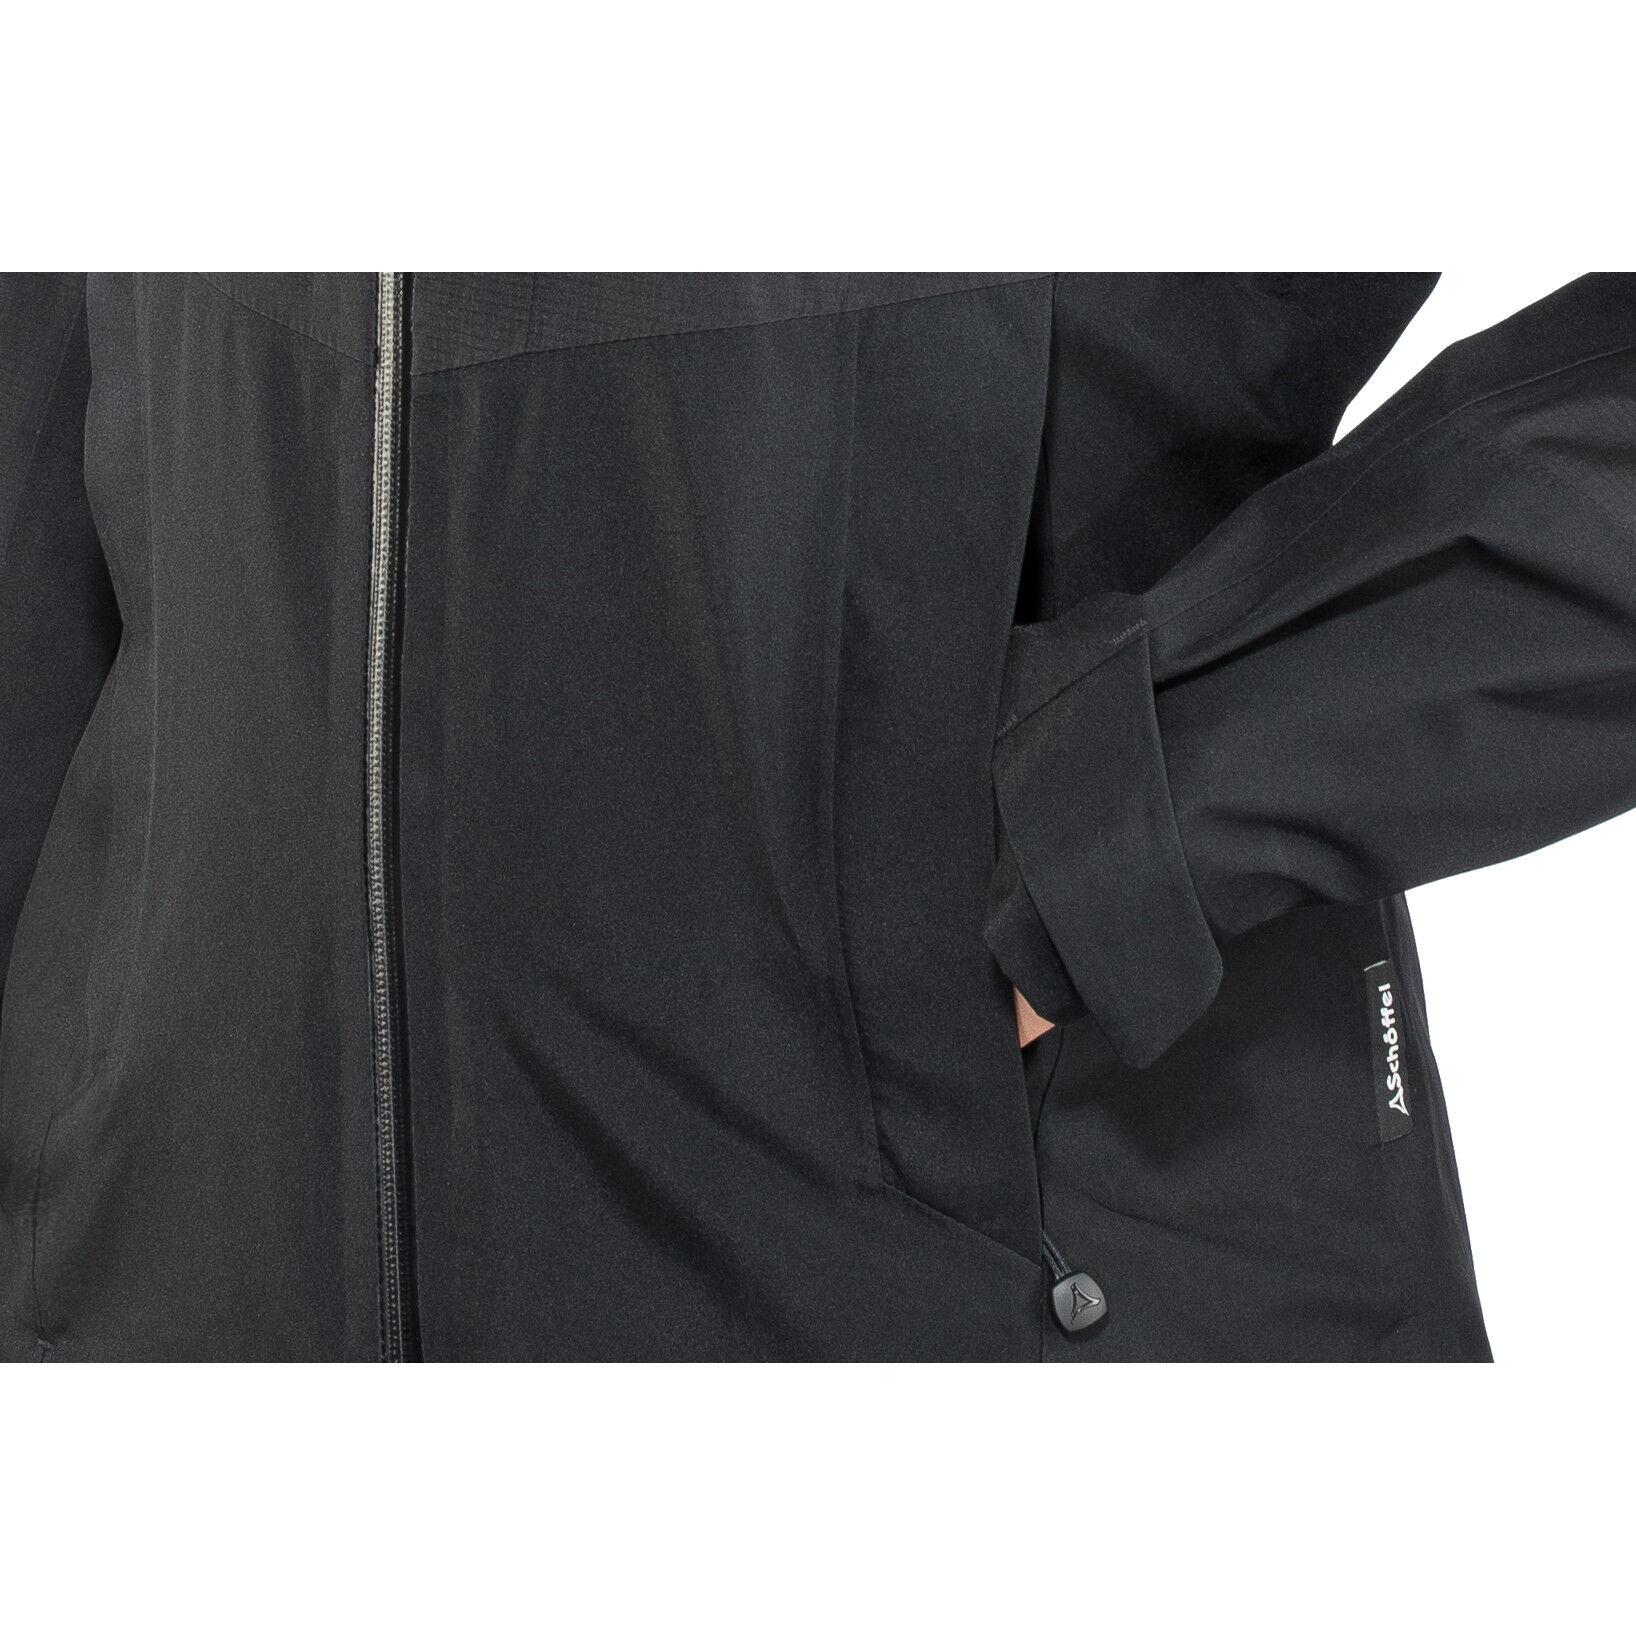 Detalles de Wellensteyn chaquetas señora & señores diferentes modelos ver título original